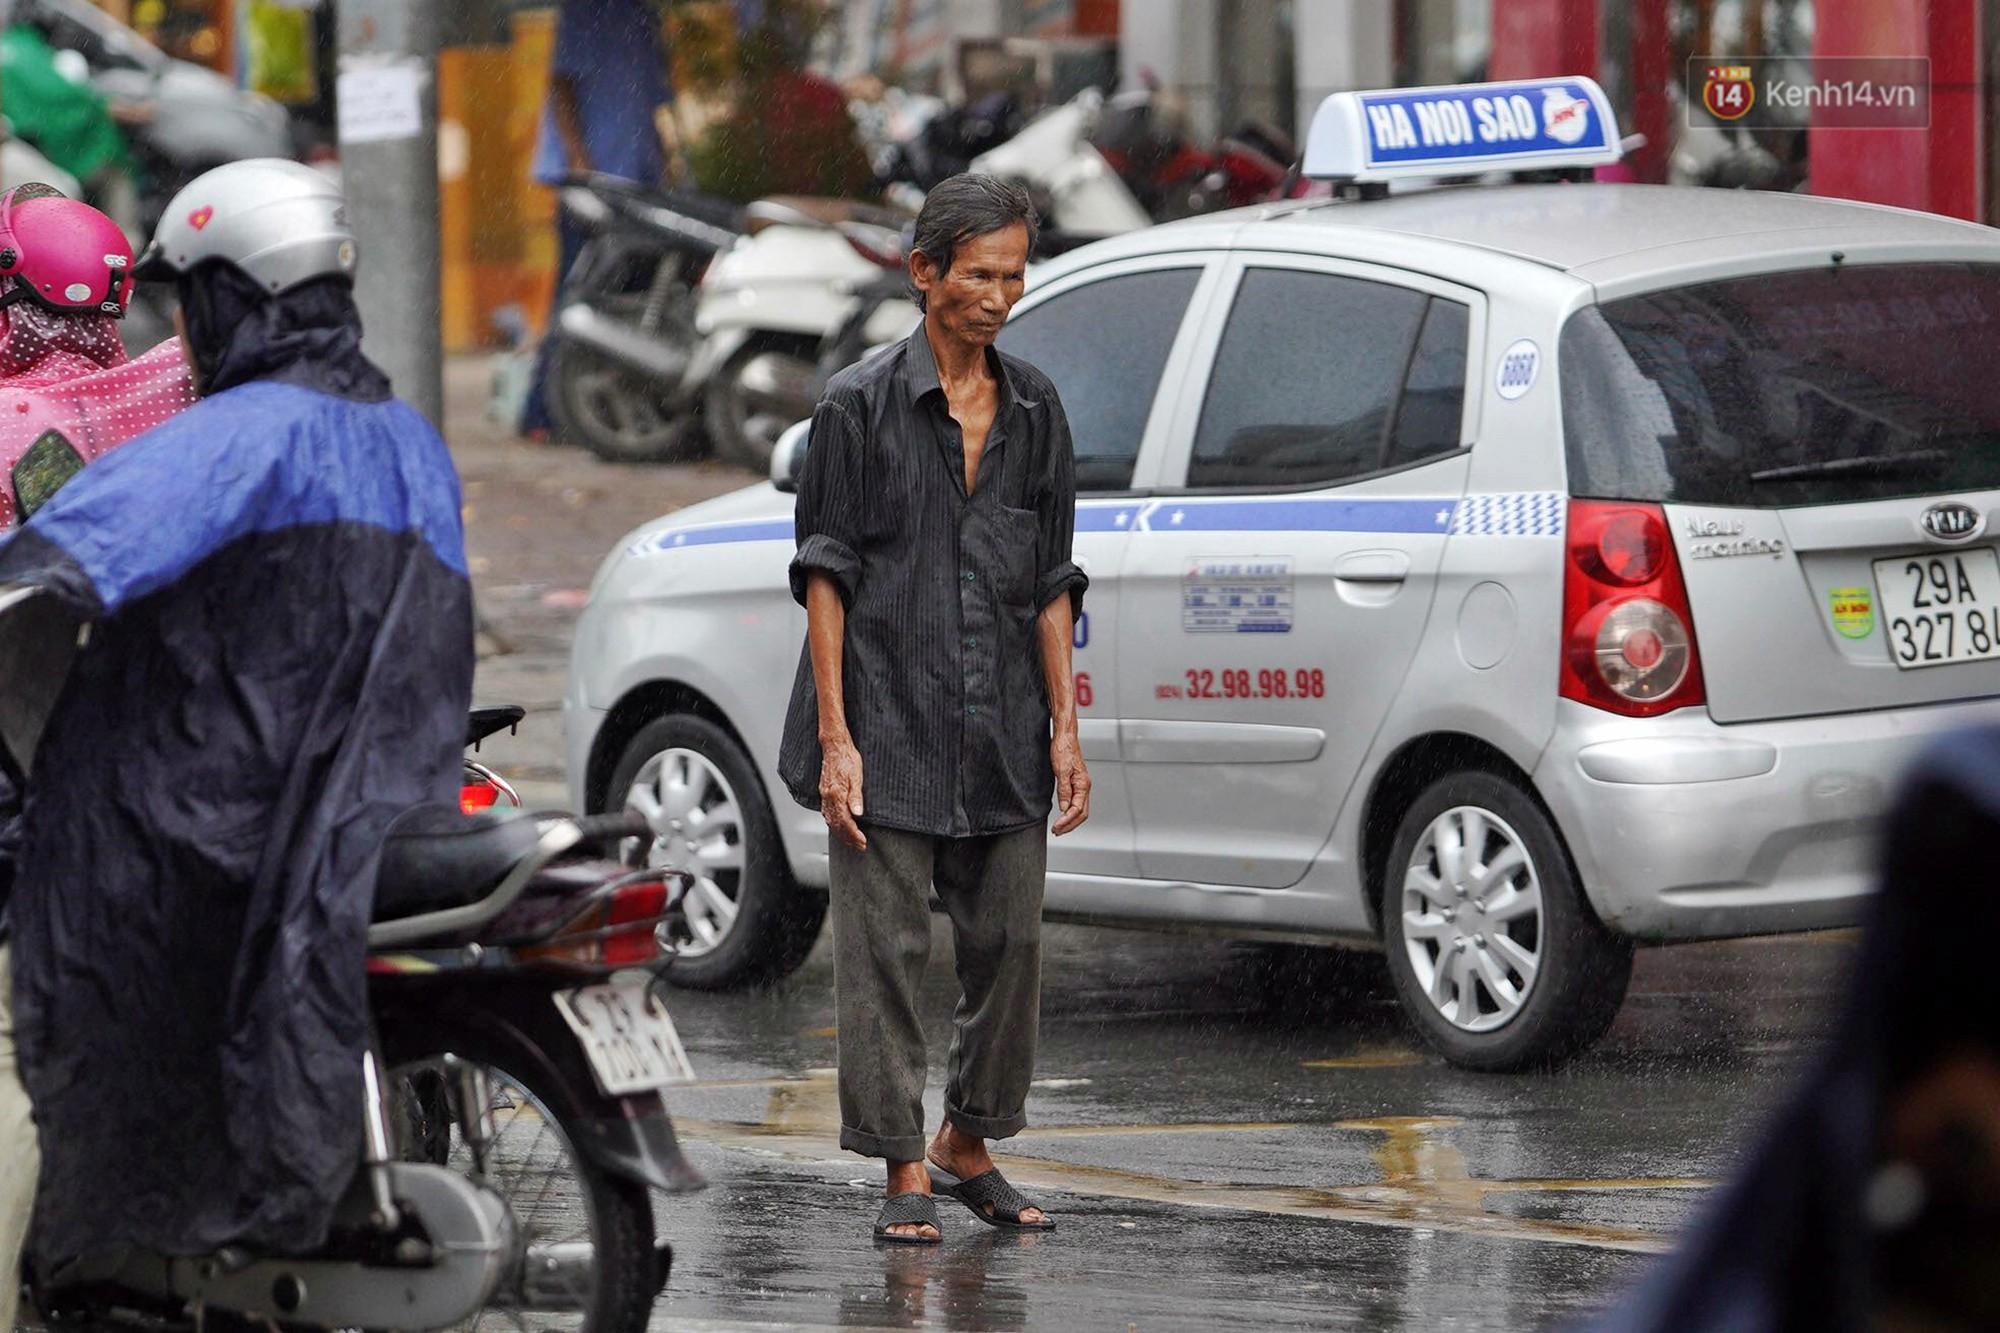 Ảnh hưởng bão số 2 khiến Hà Nội mưa trắng xoá, gió quật nghiêng người-8